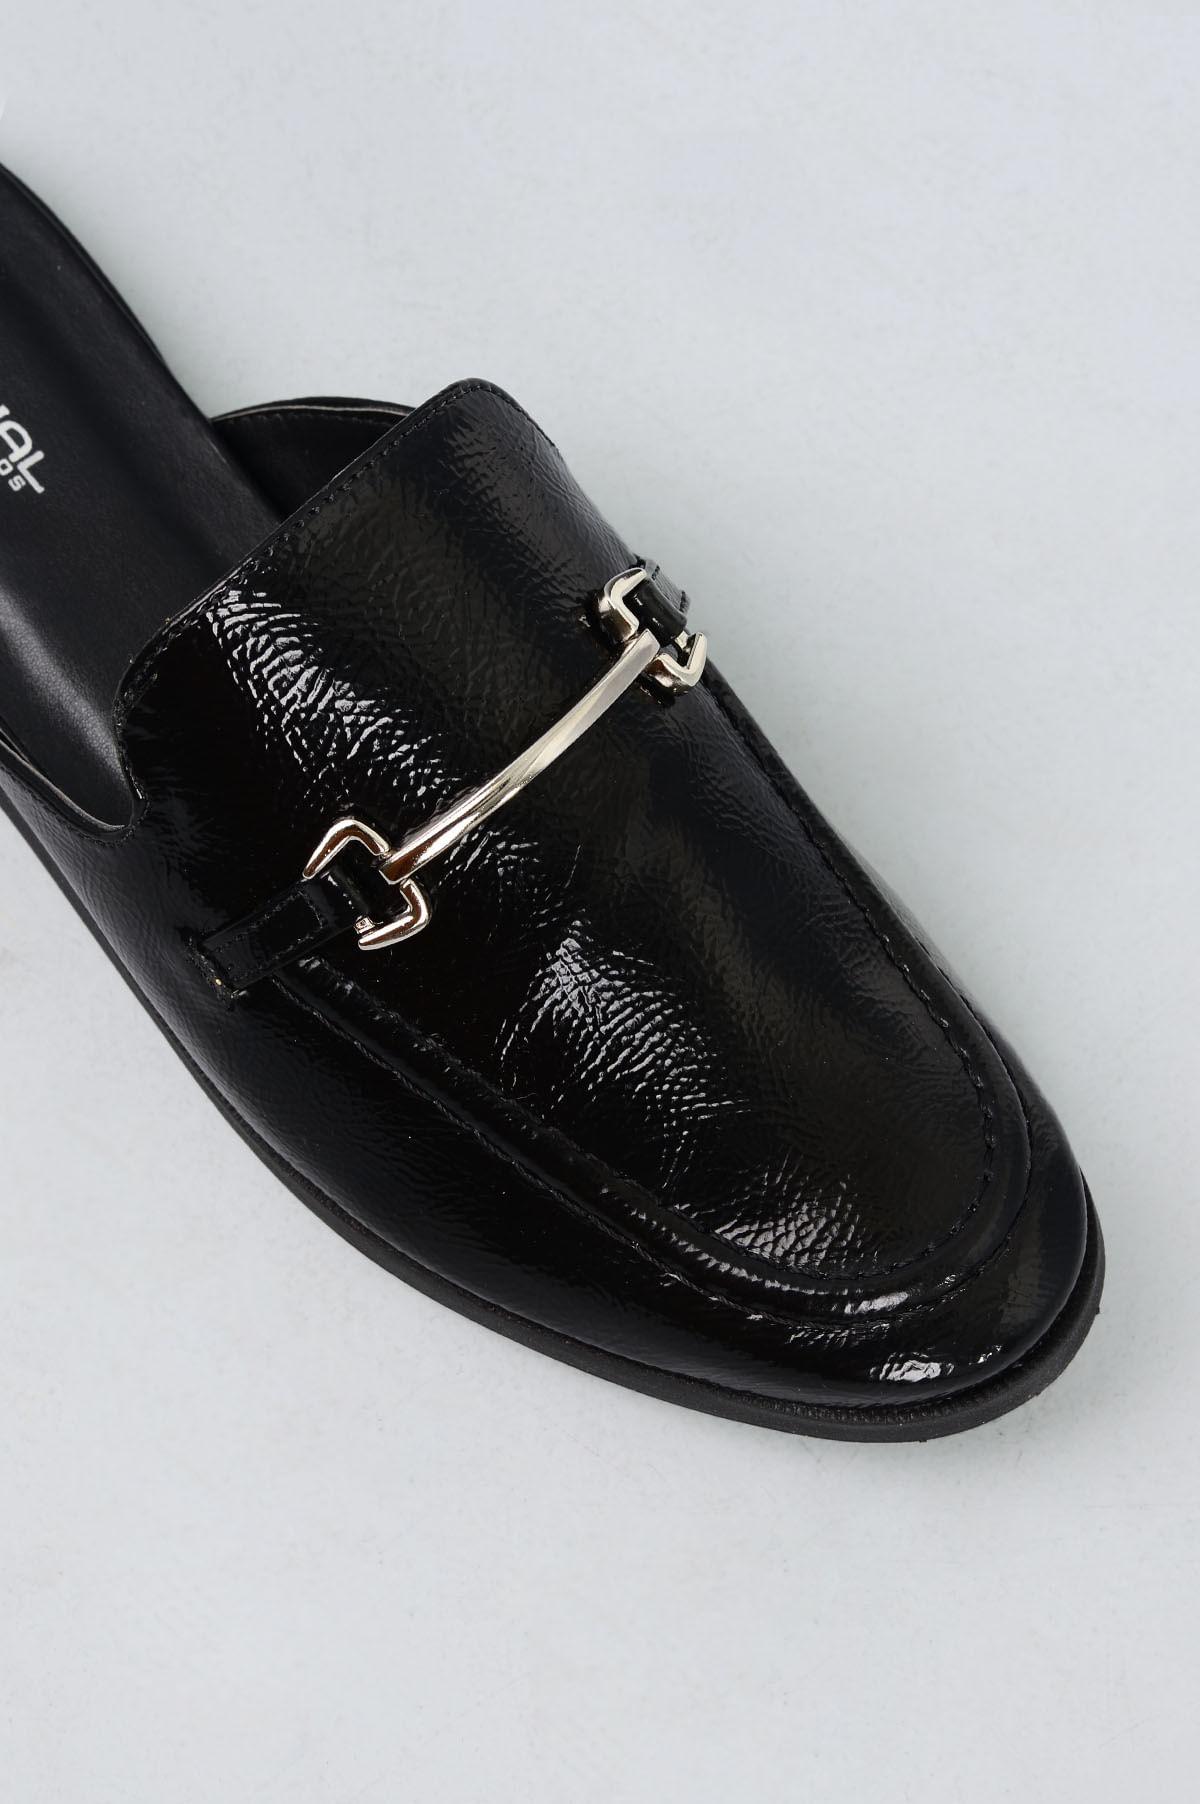 b1e53d16909 Mule Feminino Cibele Mundial VERNIZ PRETO - Mundial Calçados